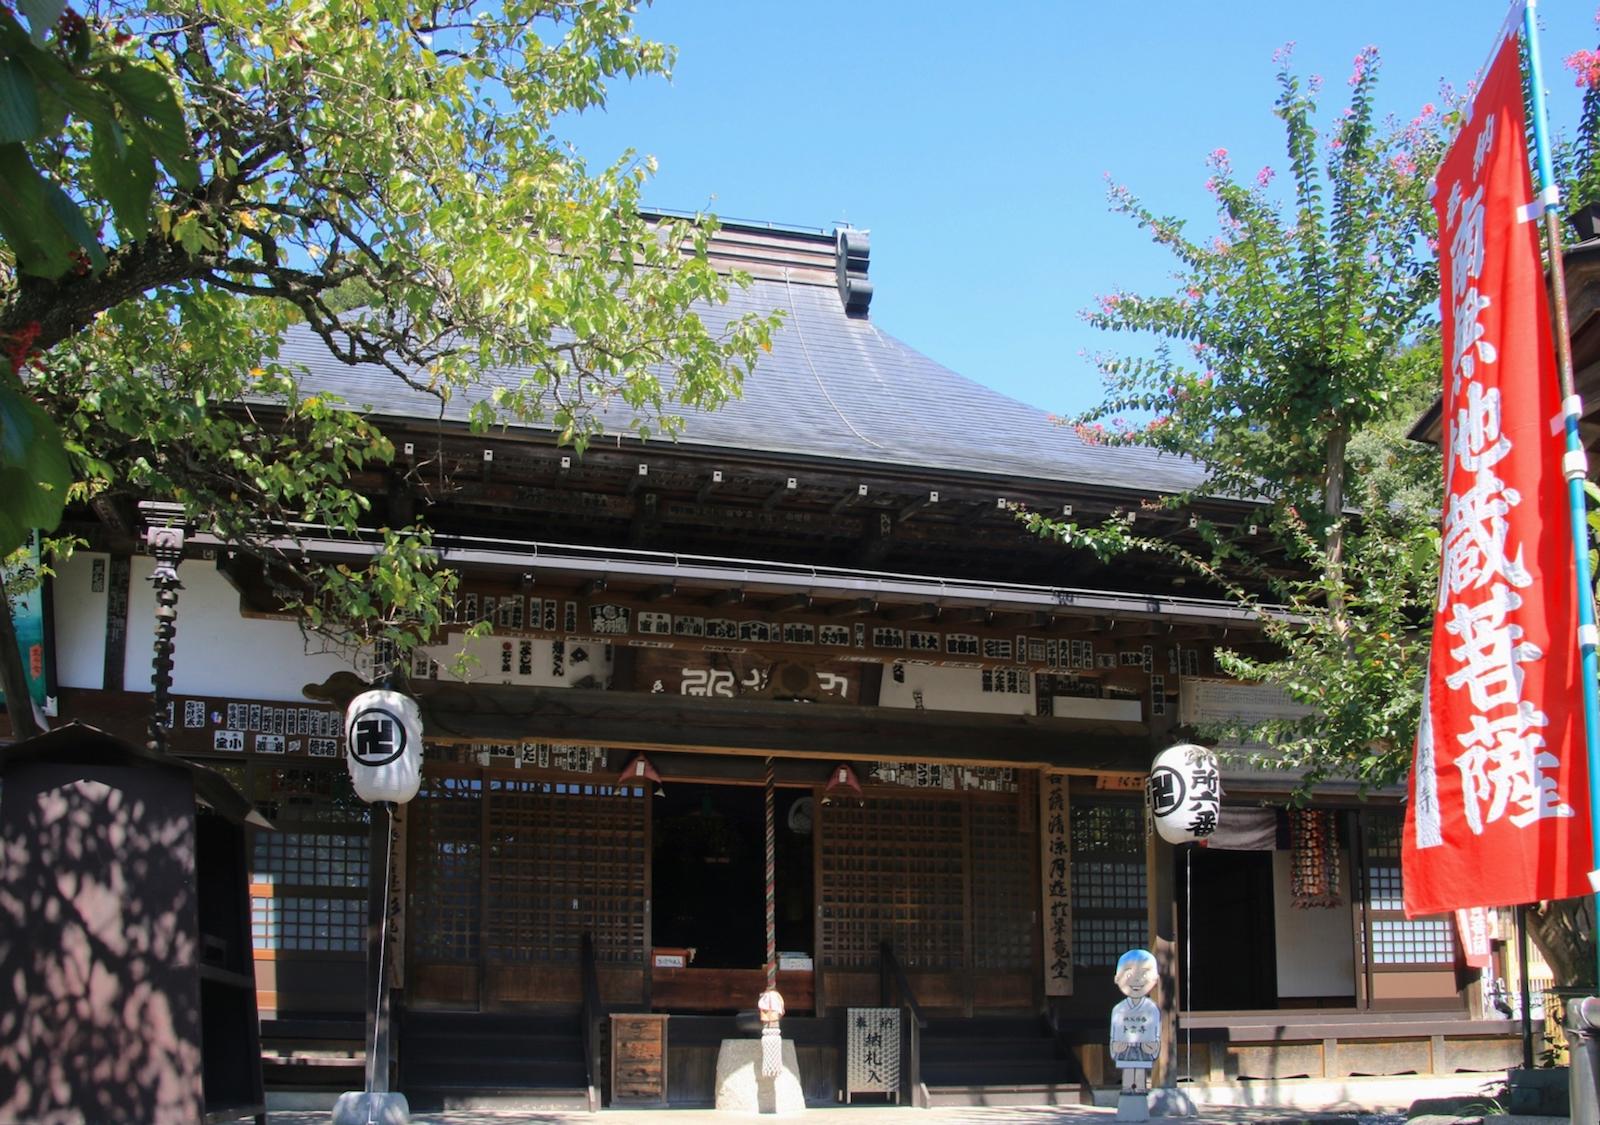 卜雲寺・萩野堂(秩父三十四所観音霊場・札所6番)